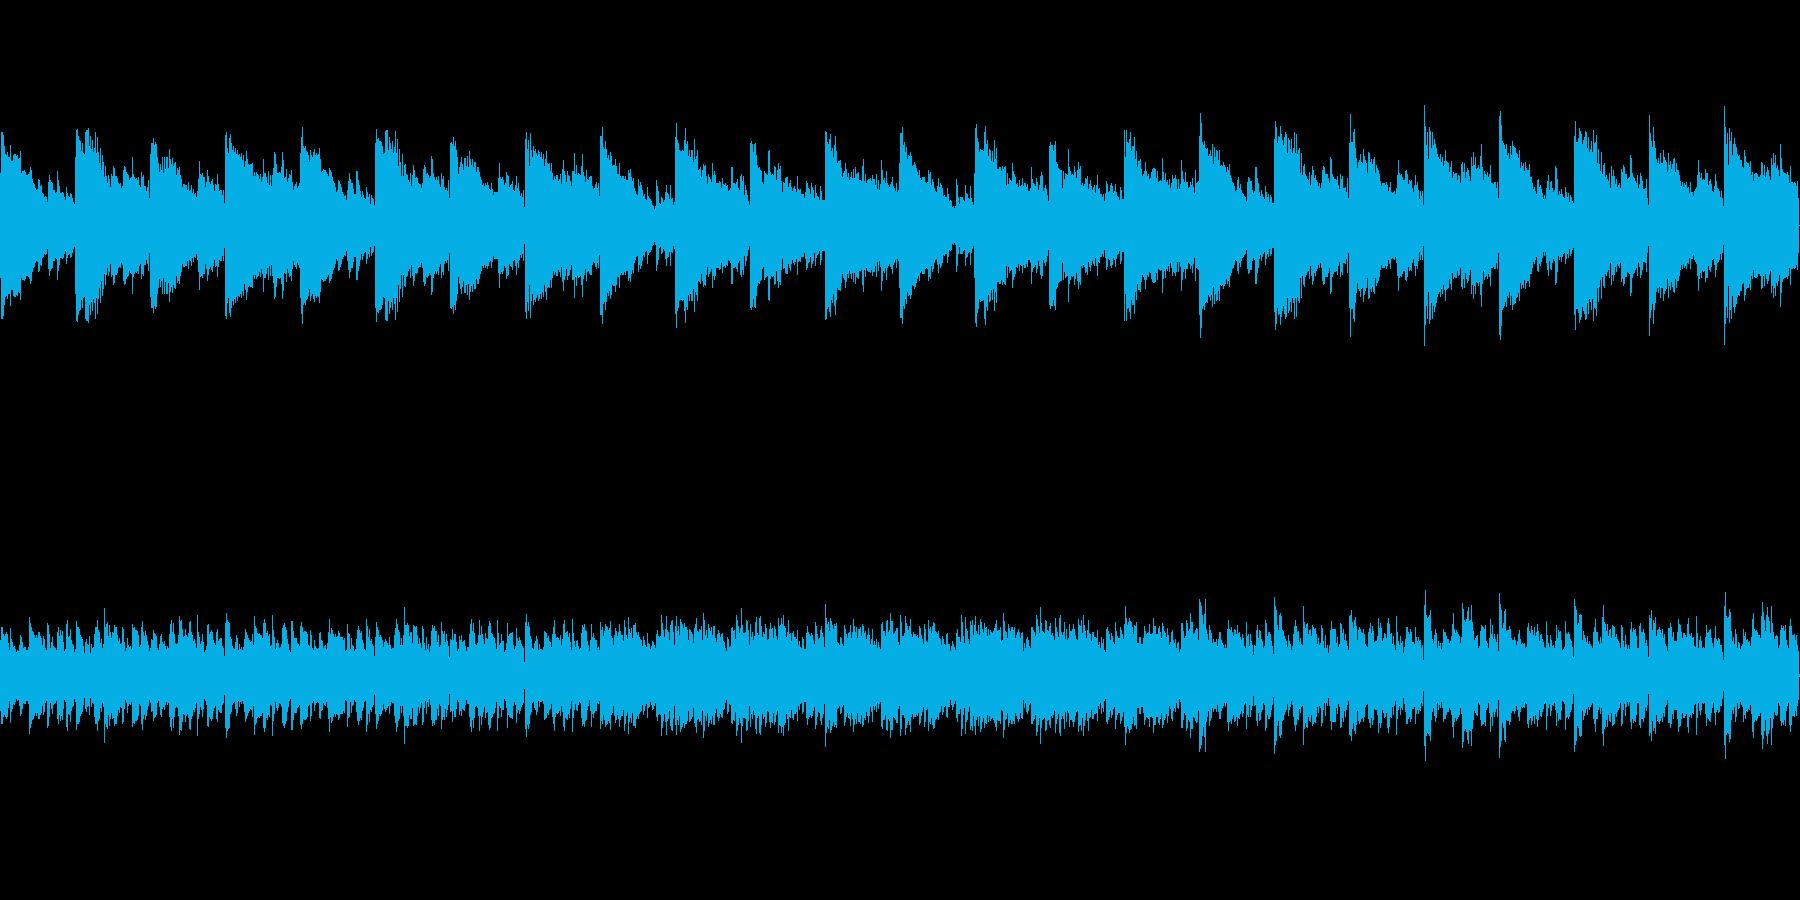 暗い雰囲気のピアノ曲の再生済みの波形